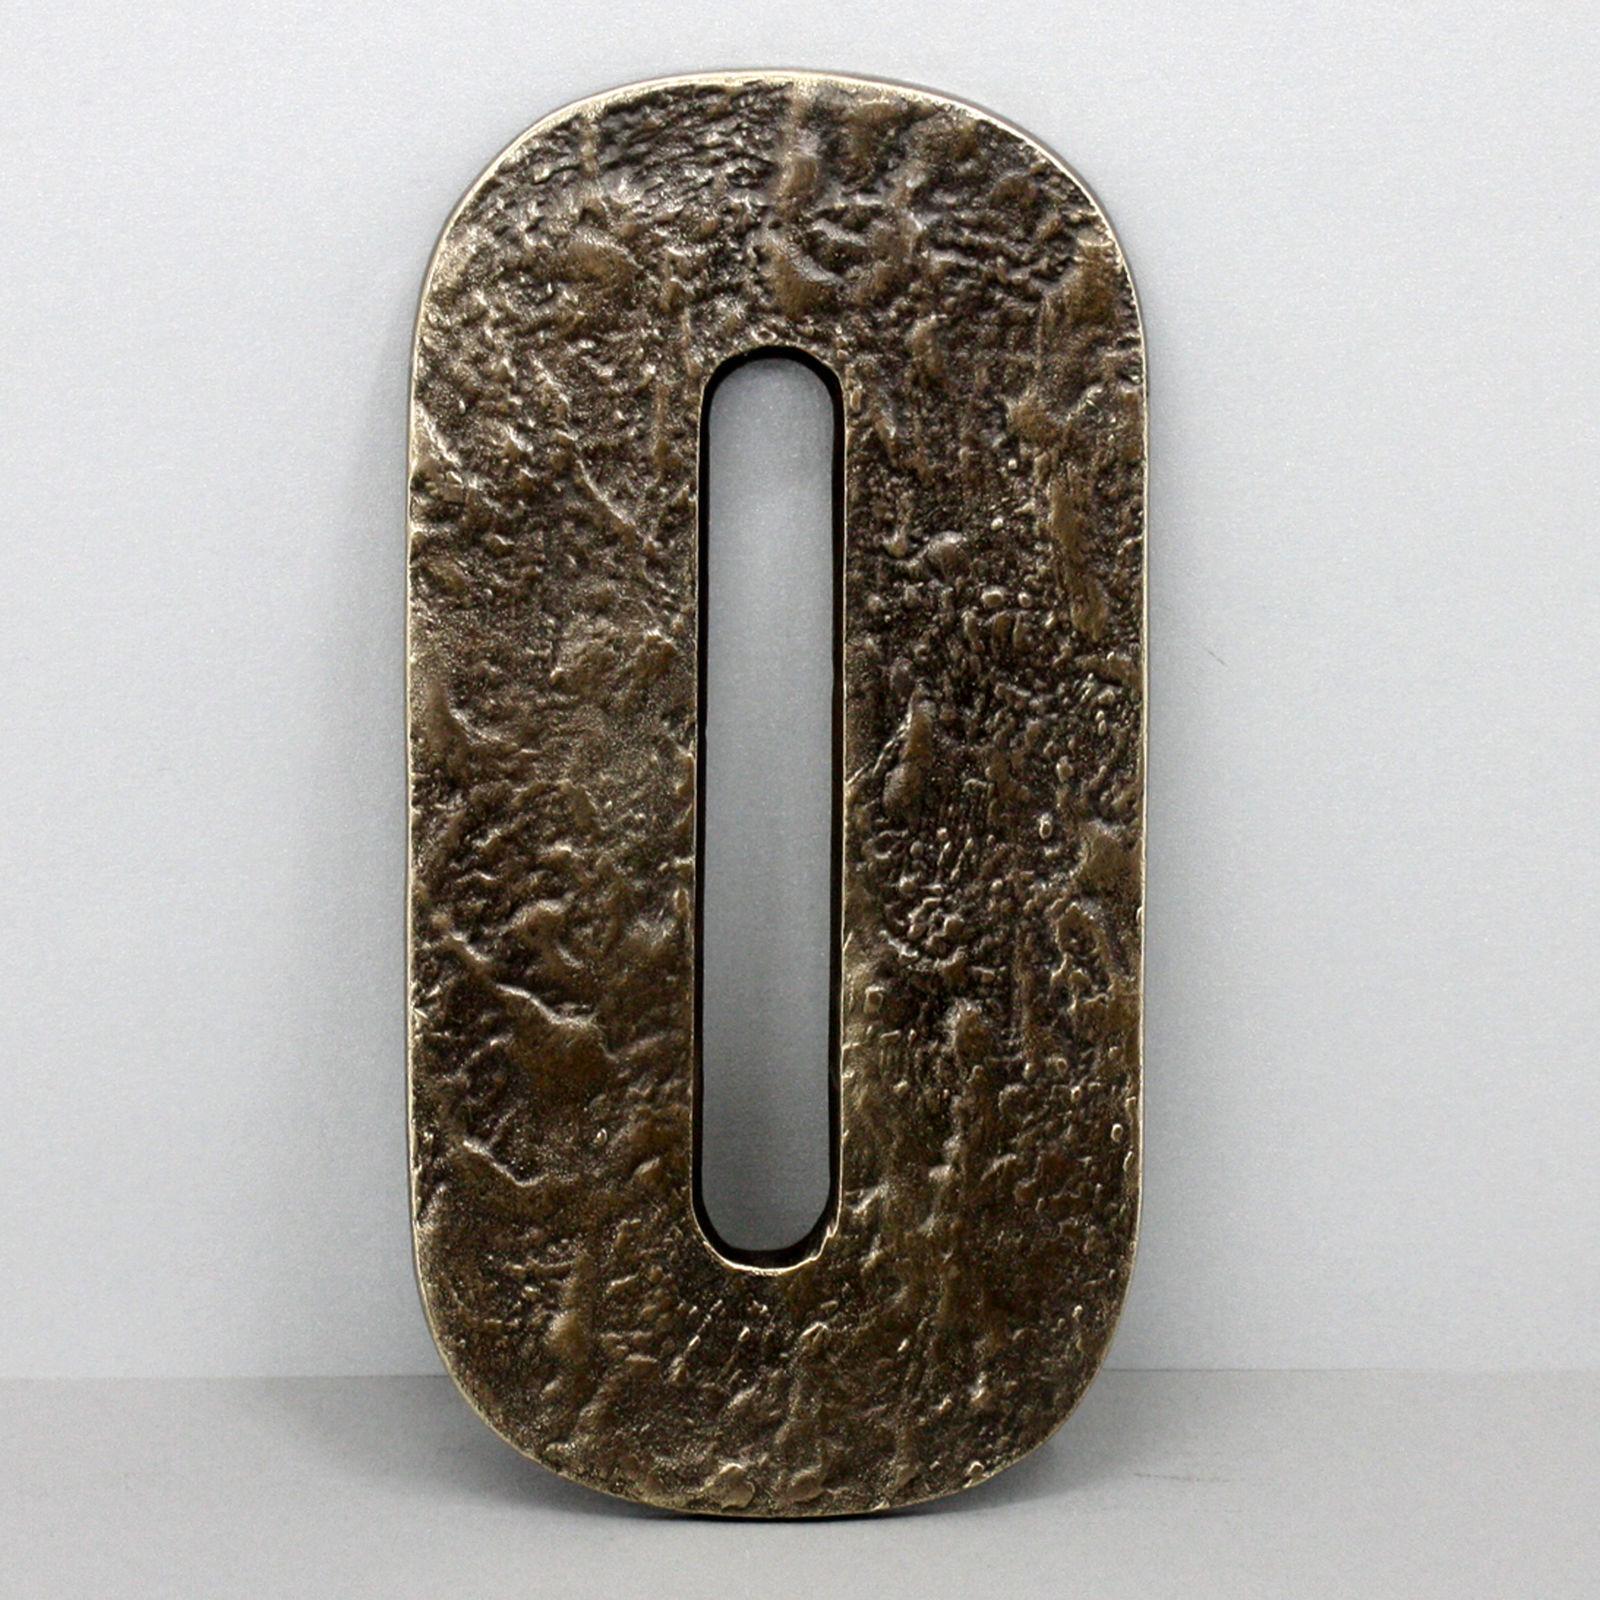 Gigantische Handgefertigte 24 cm Bronze Hausnummer Ziffer 0 Anft Hausnummern